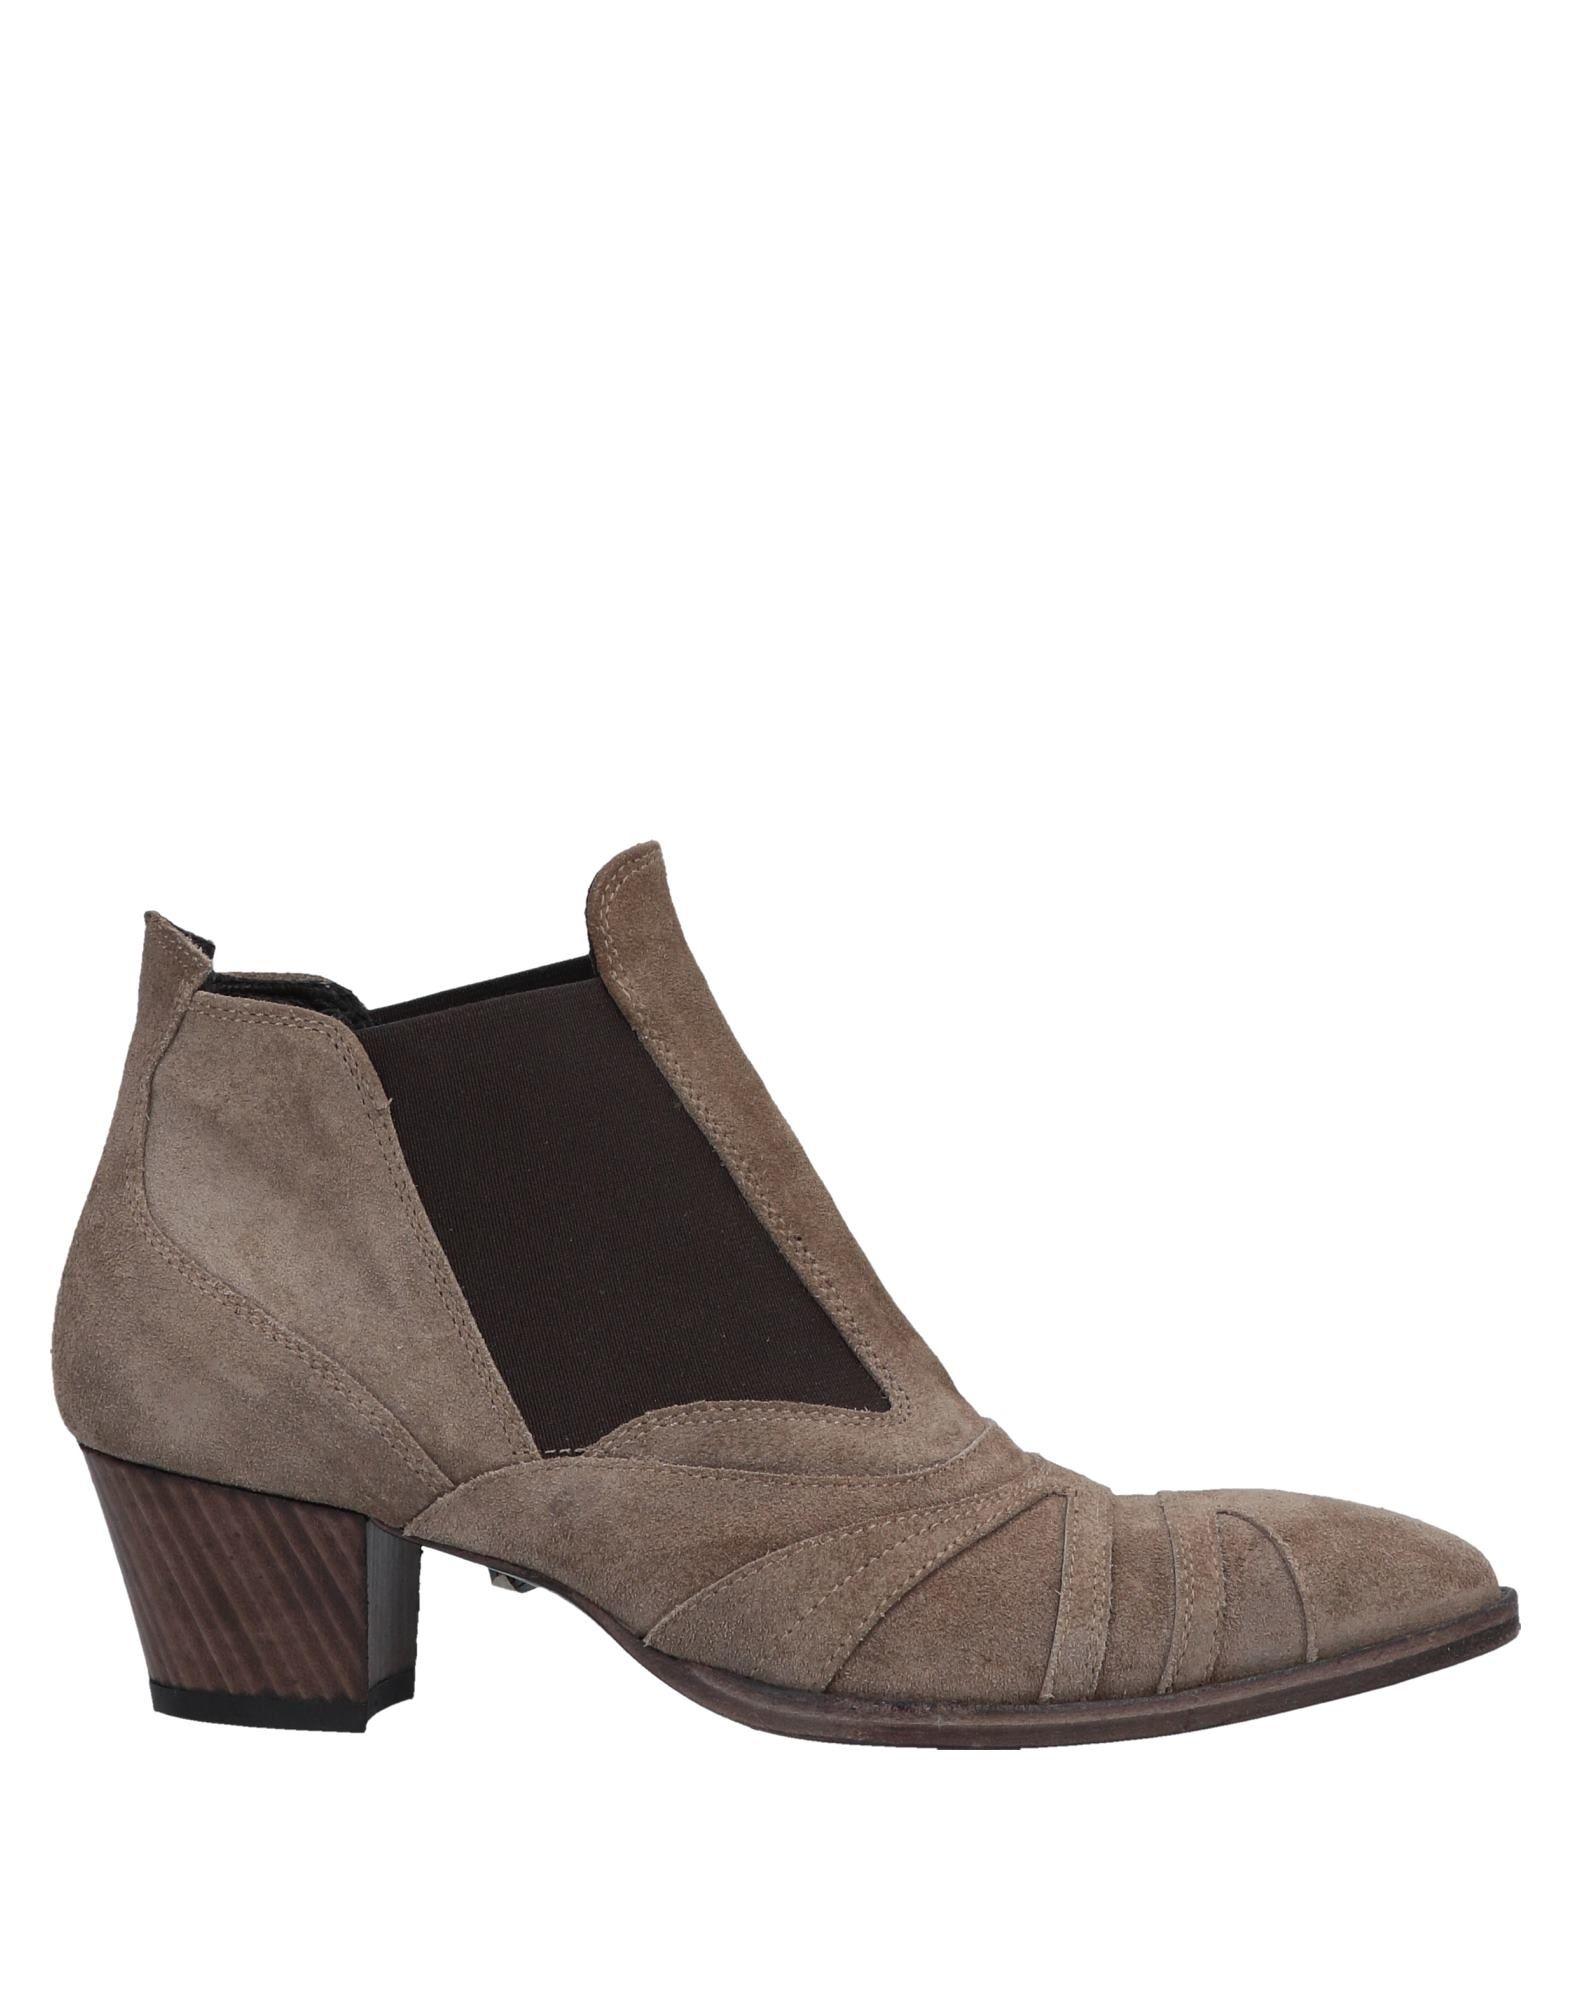 Chelsea Stiefel Qsp+ Quelques schuhe De Plus damen - 11671215WJ